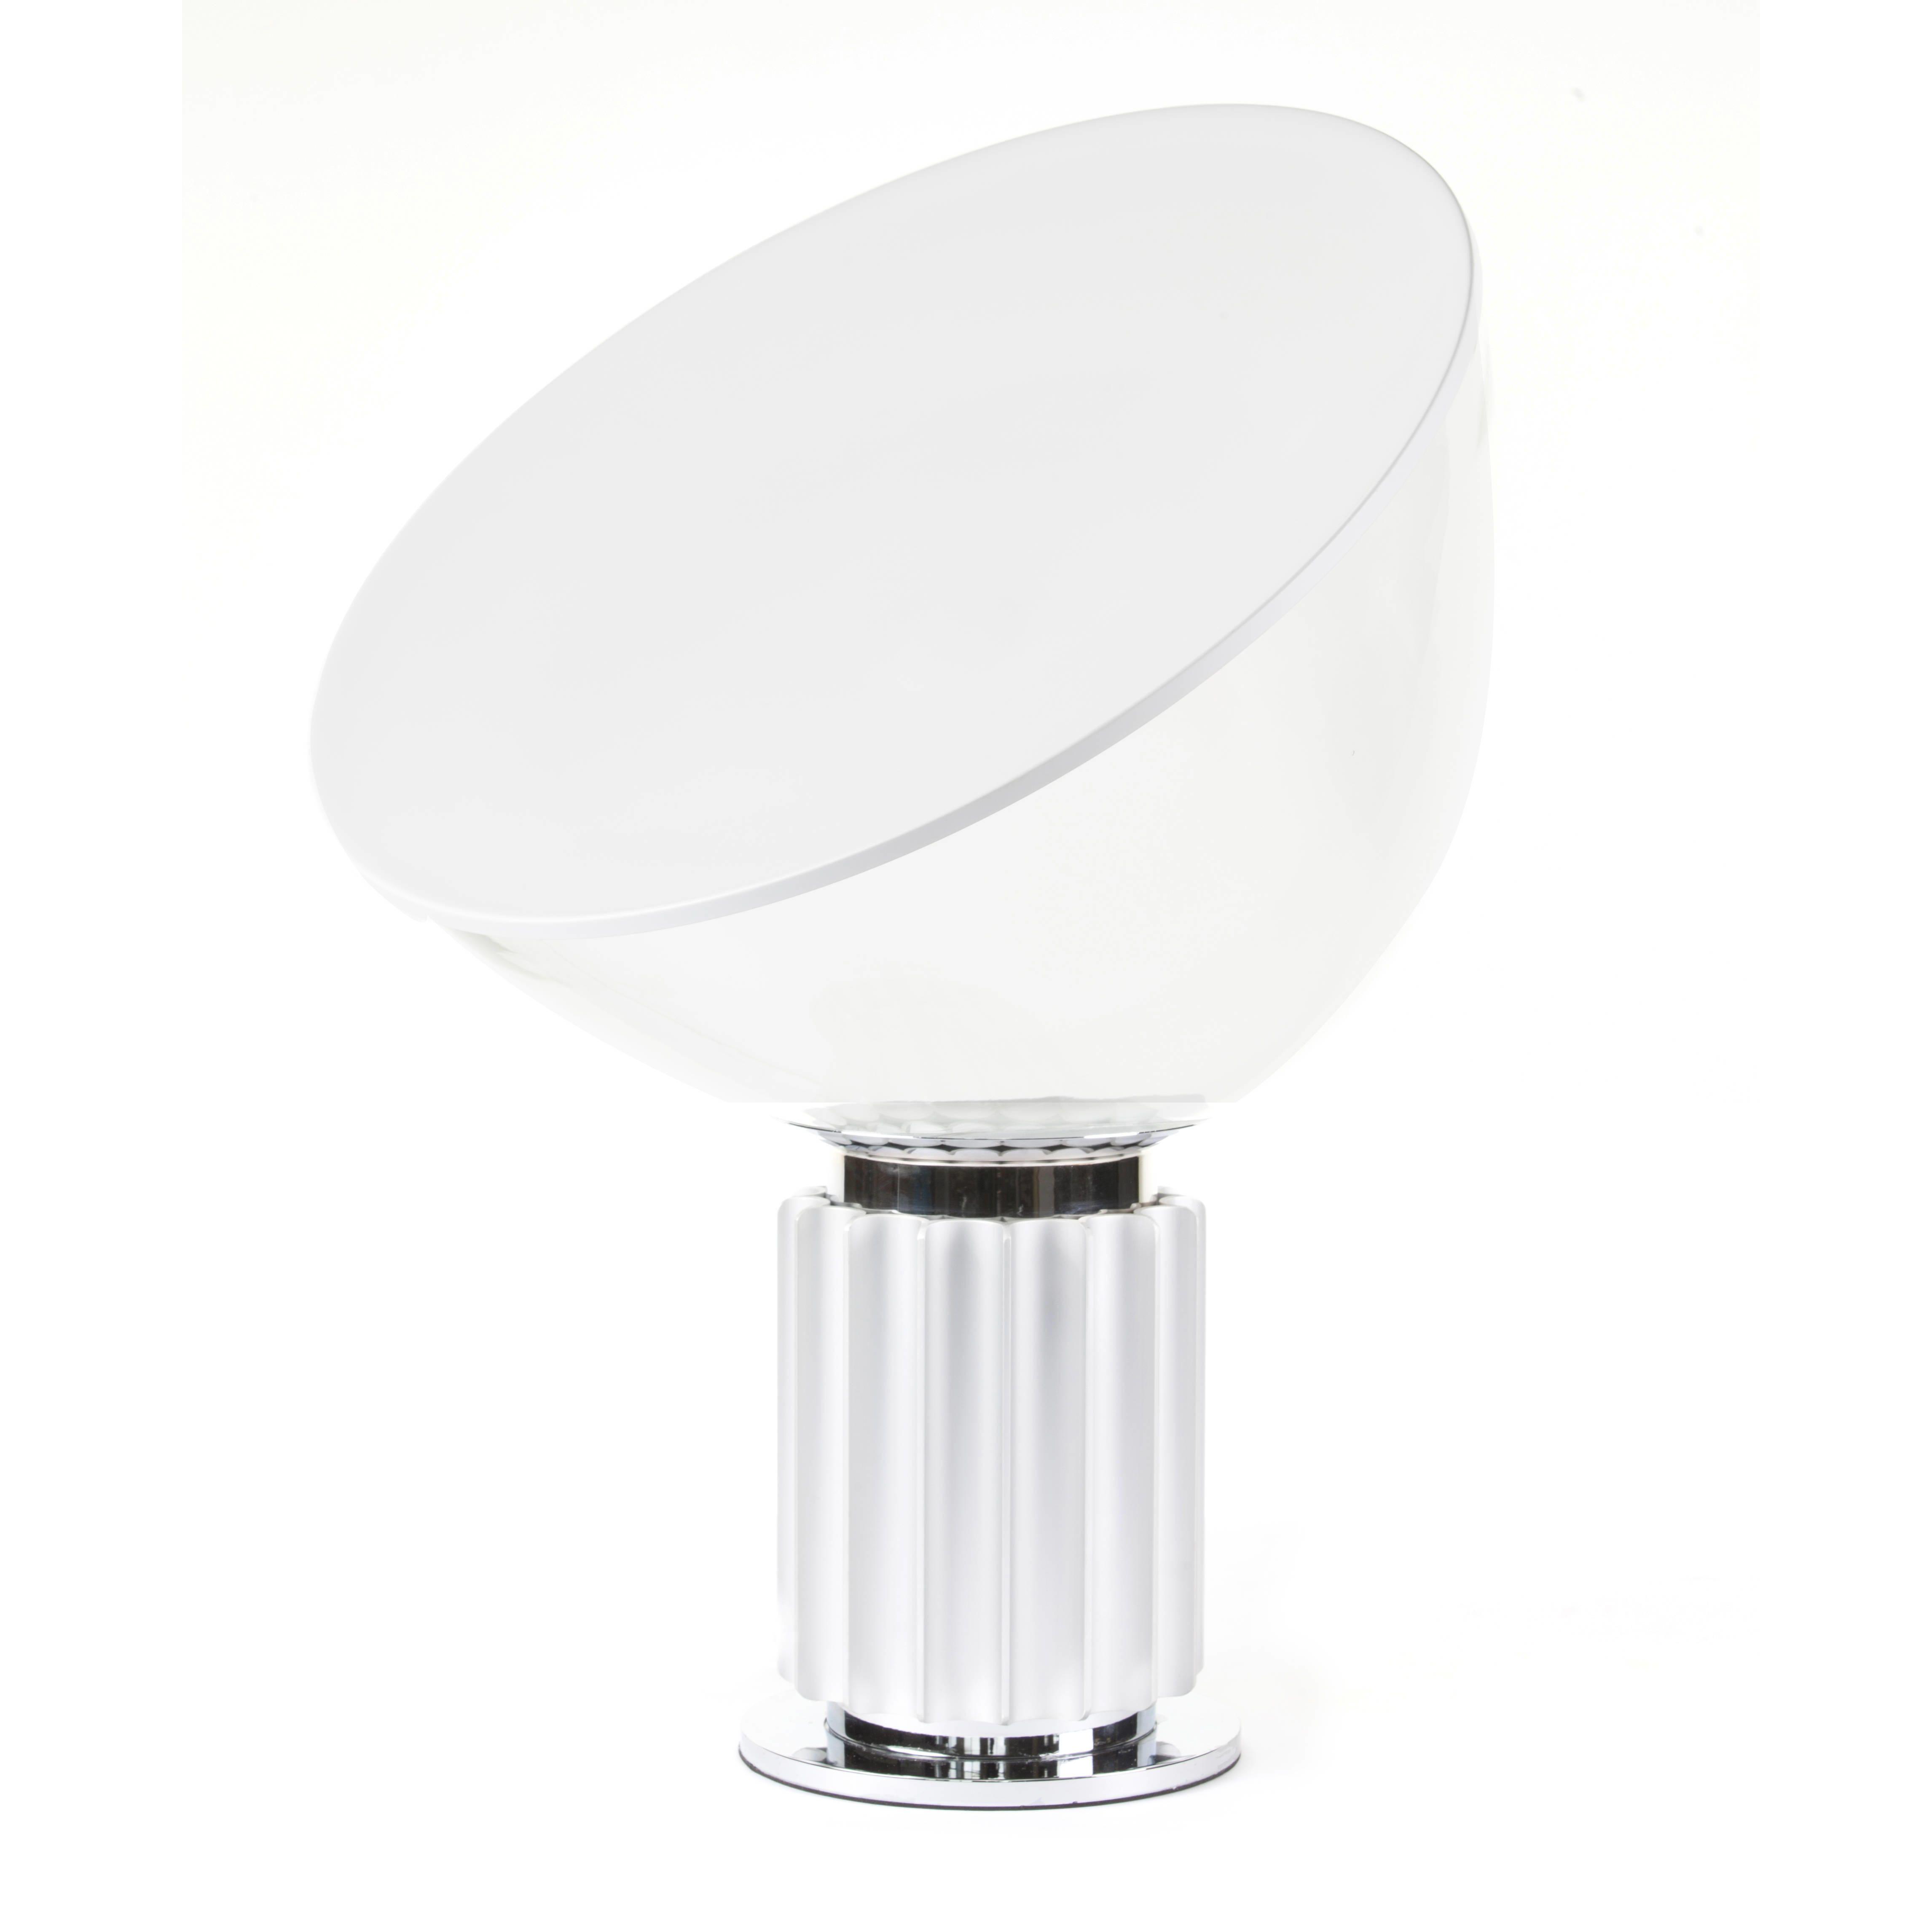 Replica Circa 1962 Silver Table Lamp